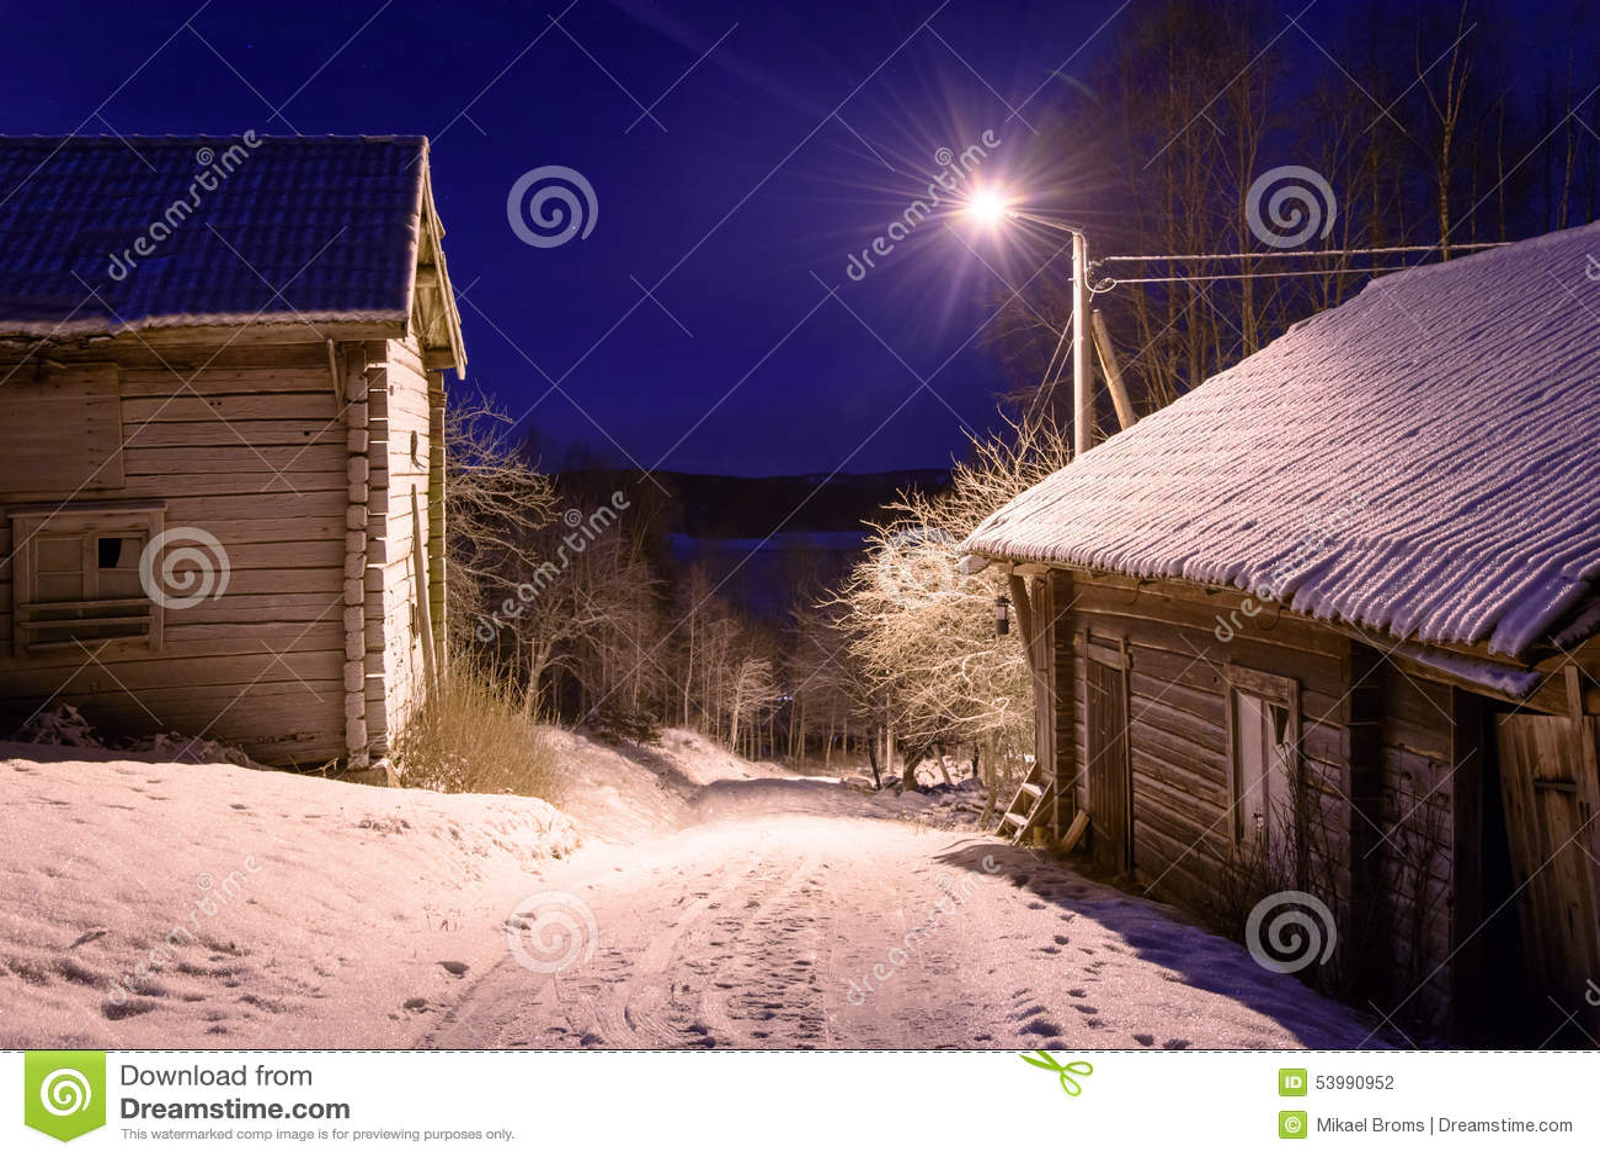 Nuit d 39 hiver avec de vieilles maisons de ferme photo stock image 53990952 - Temperature maison hiver ...